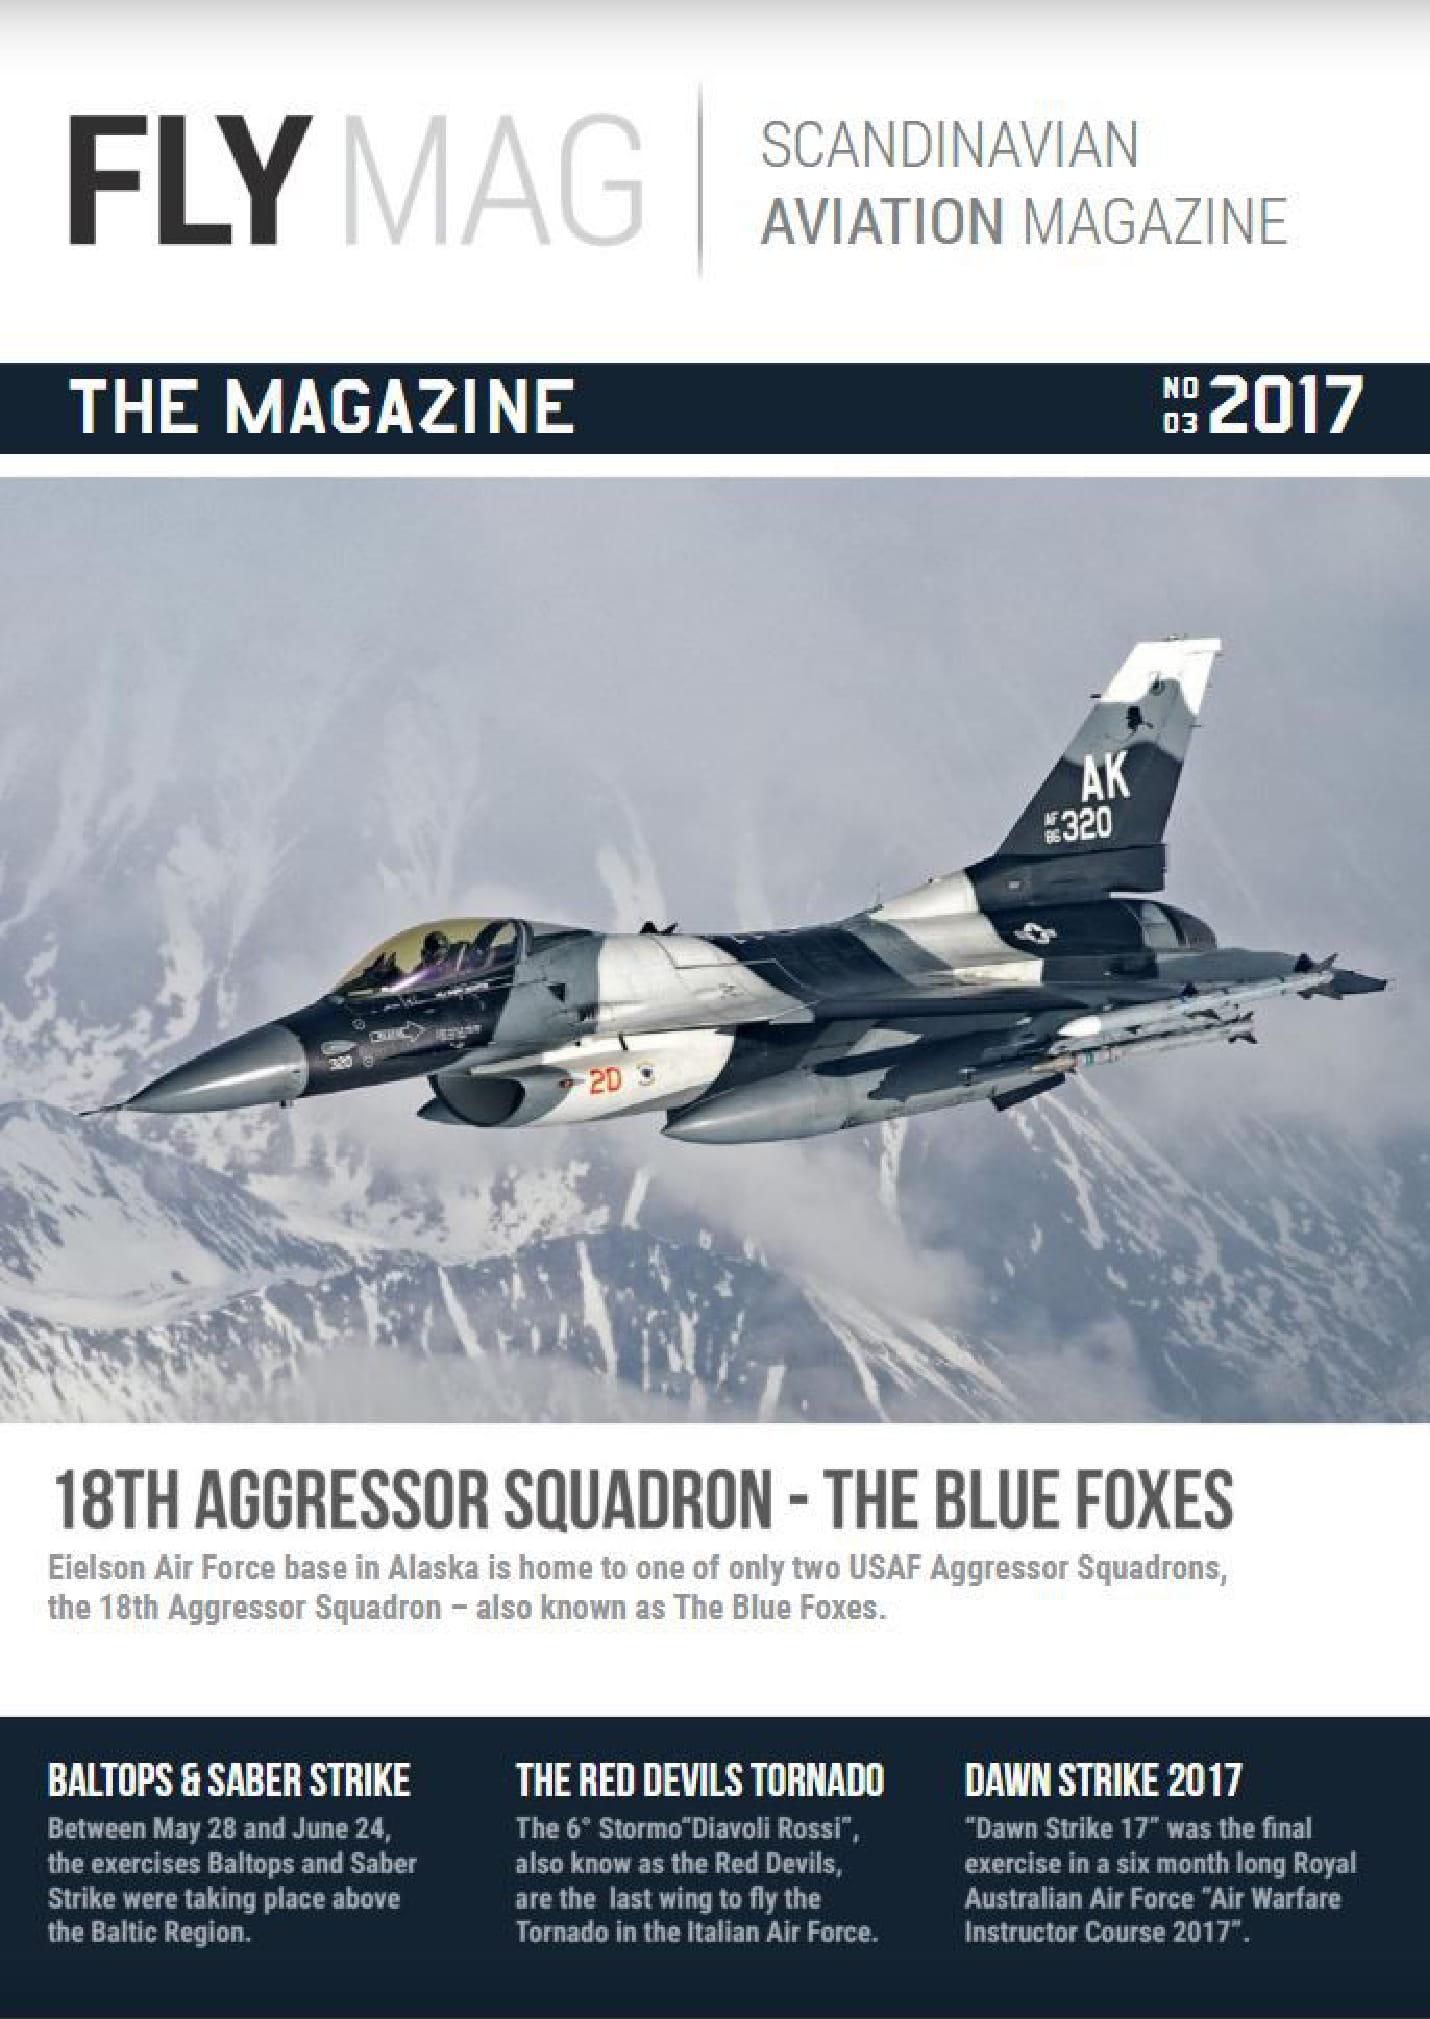 Flymag (Danmark)_Baltops & Saber Strike 2017-1